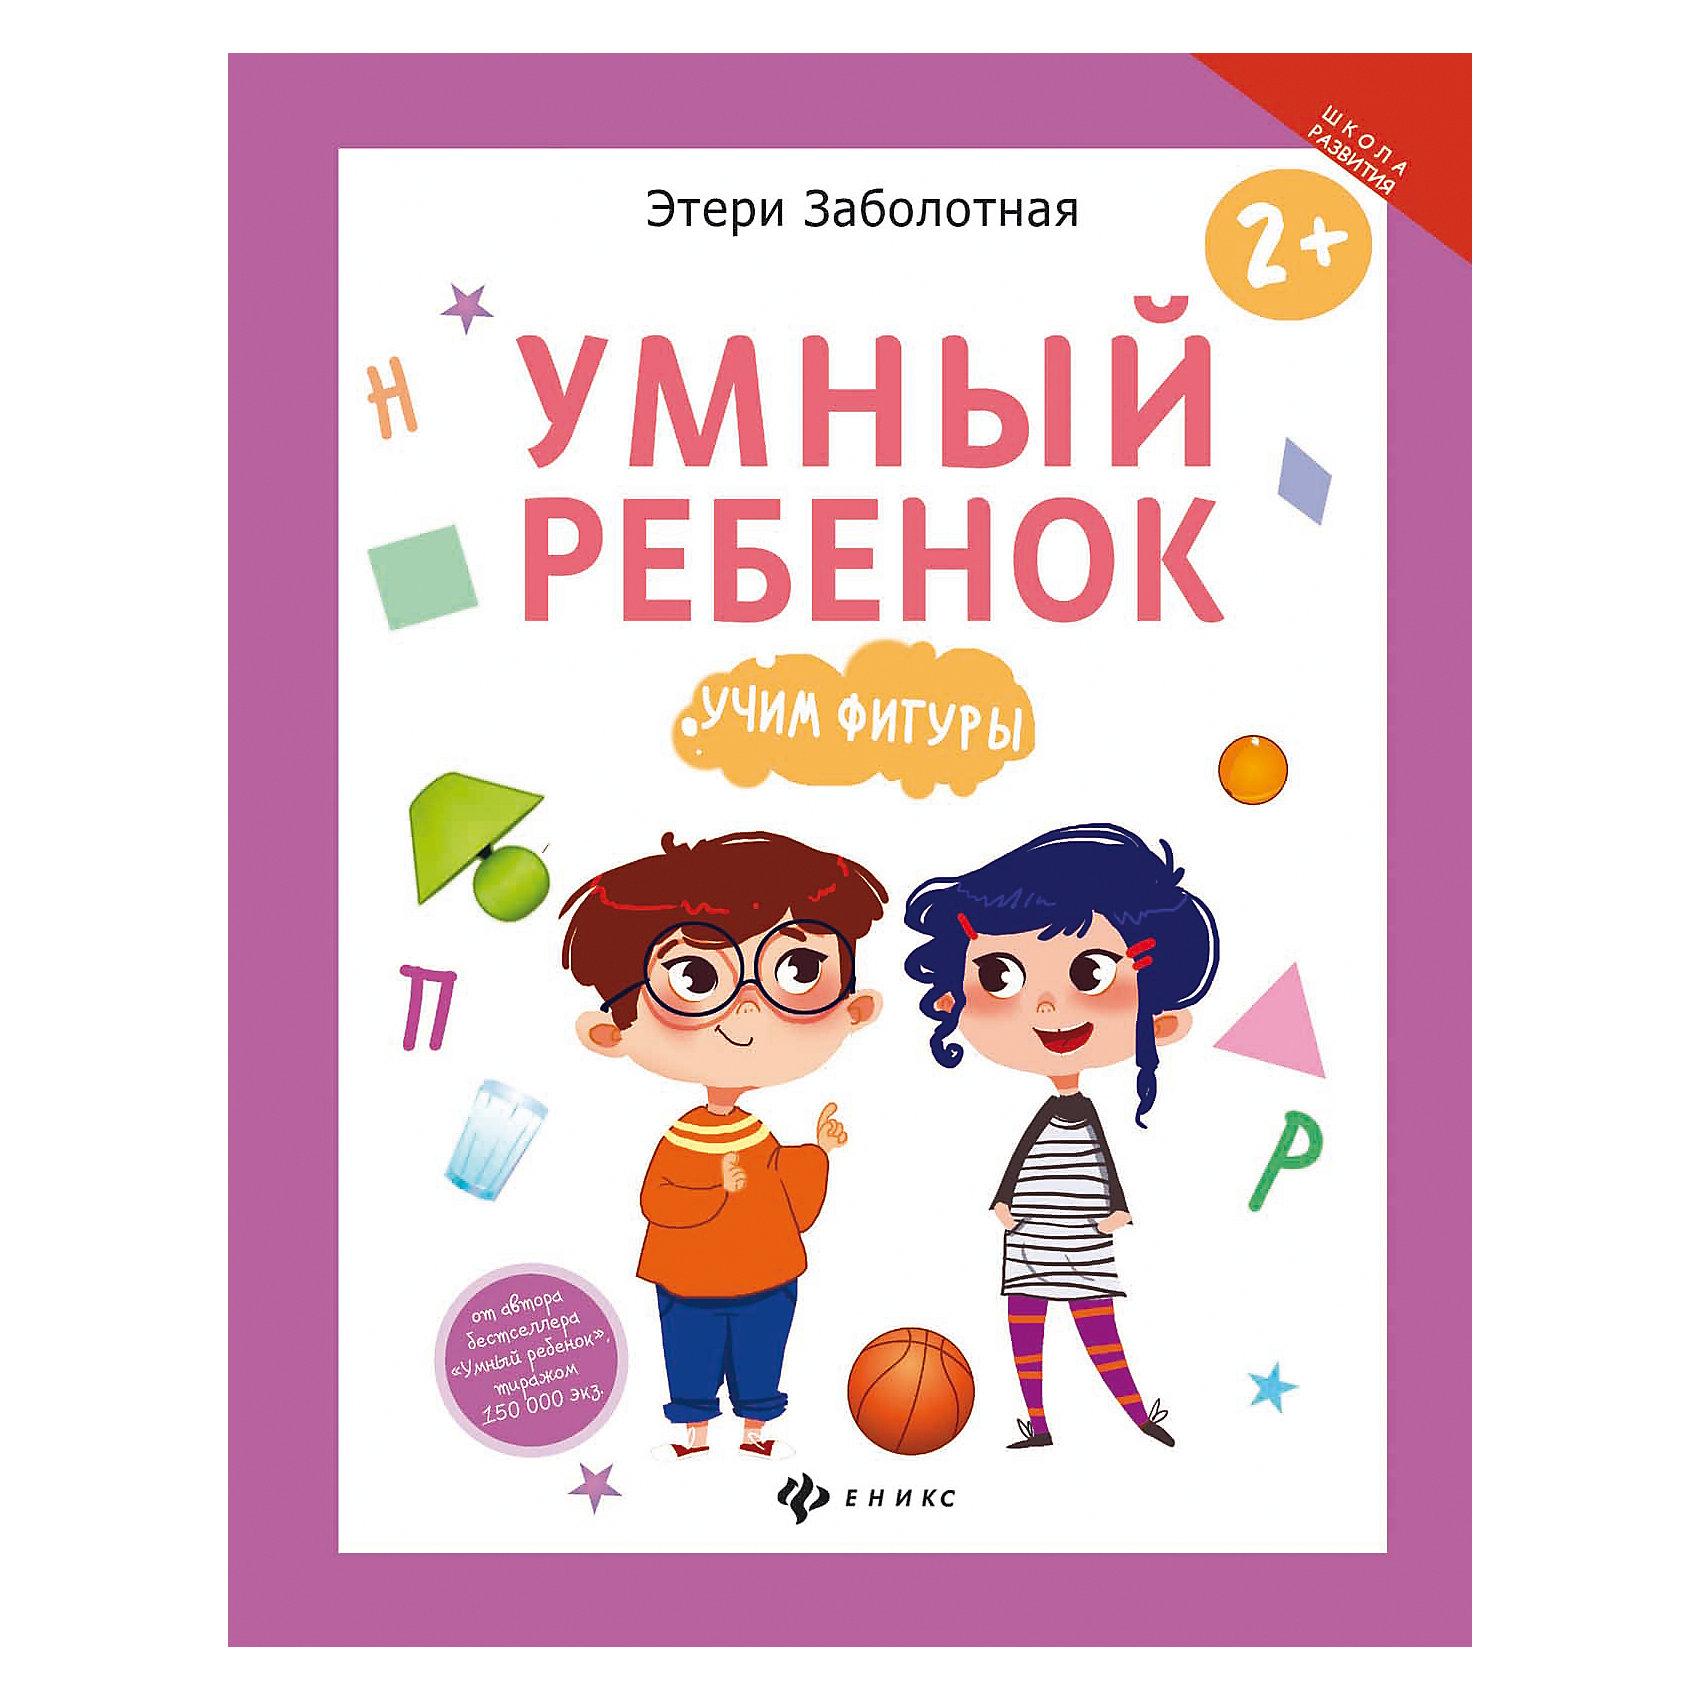 Книга Умный ребенок: учим фигурыОбучающие книги<br>В повседневной жизни нас окружает большое количество геометрических фигур: окно - прямоугольное, мяч круглый. Эта книга/тетрадь предназначена для того, чтобы познакомить ребенка с основными фигурами. Знание фигур поможет развить логическое мышление ребенка, познакомит его с основами математики, позволит развить ассоциативное и пространственное мышление. Также, изучение фигур расширяет знание ребенка об окружающем его мире. Чем раньше Вы познакомите ребенка с фигурами, тем проще впоследствии ребенку будет адаптироваться к школе. Уважаемые родители! С ребенком нужно заниматься не более 15 минут! Обязательно хвалите ребенка за успешно выполненные упражнения и не ругайте, если не все сразу выходит хорошо!<br><br>Ширина мм: 200<br>Глубина мм: 201<br>Высота мм: 260<br>Вес г: 520<br>Возраст от месяцев: 36<br>Возраст до месяцев: 2147483647<br>Пол: Унисекс<br>Возраст: Детский<br>SKU: 5518162